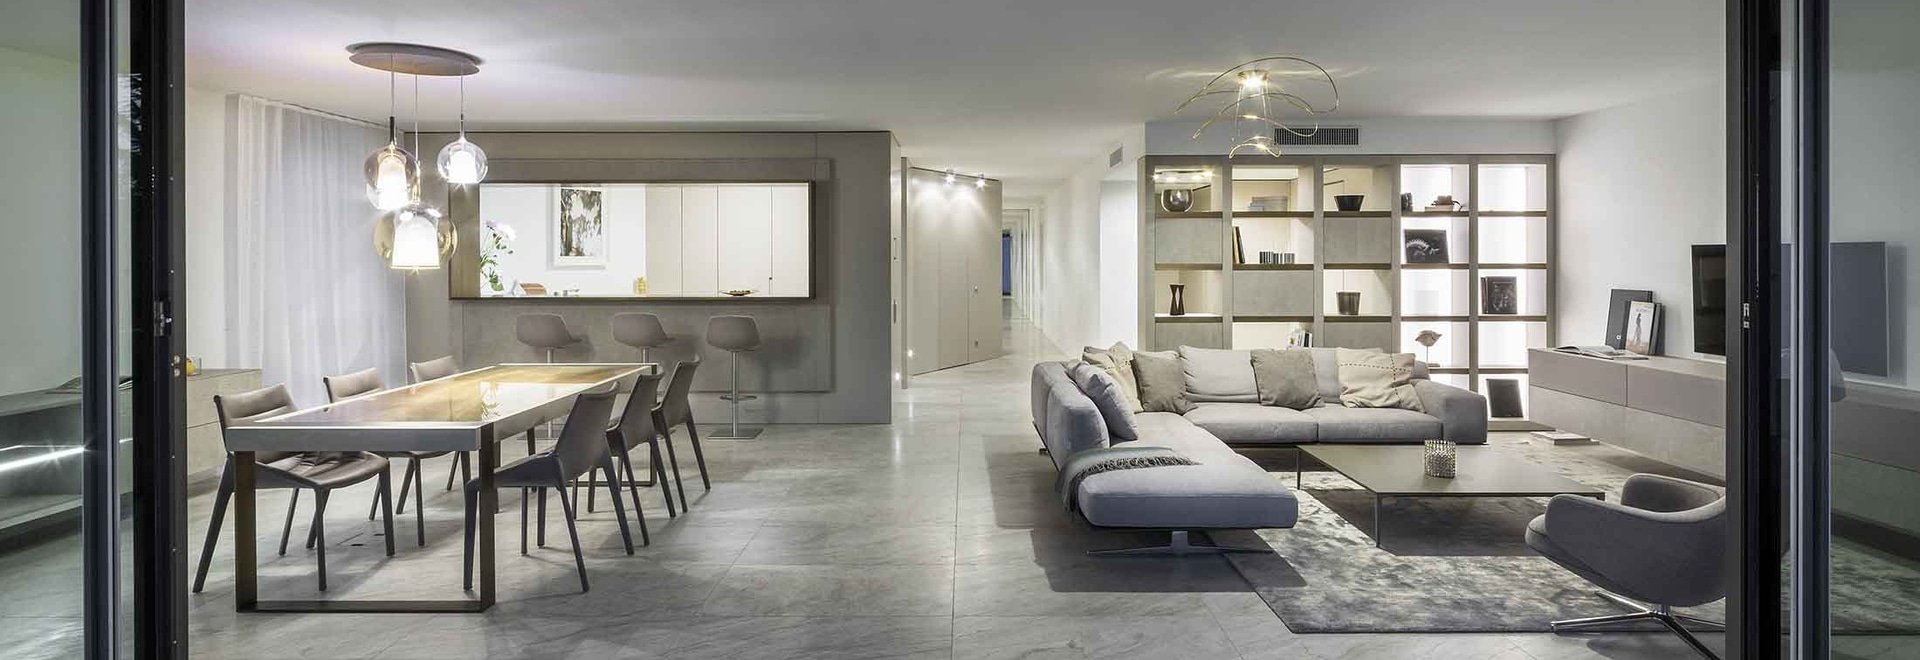 Schlüsselfertig bestellte Innenraum in einer exklusiven Wohnung in Locarno voraus